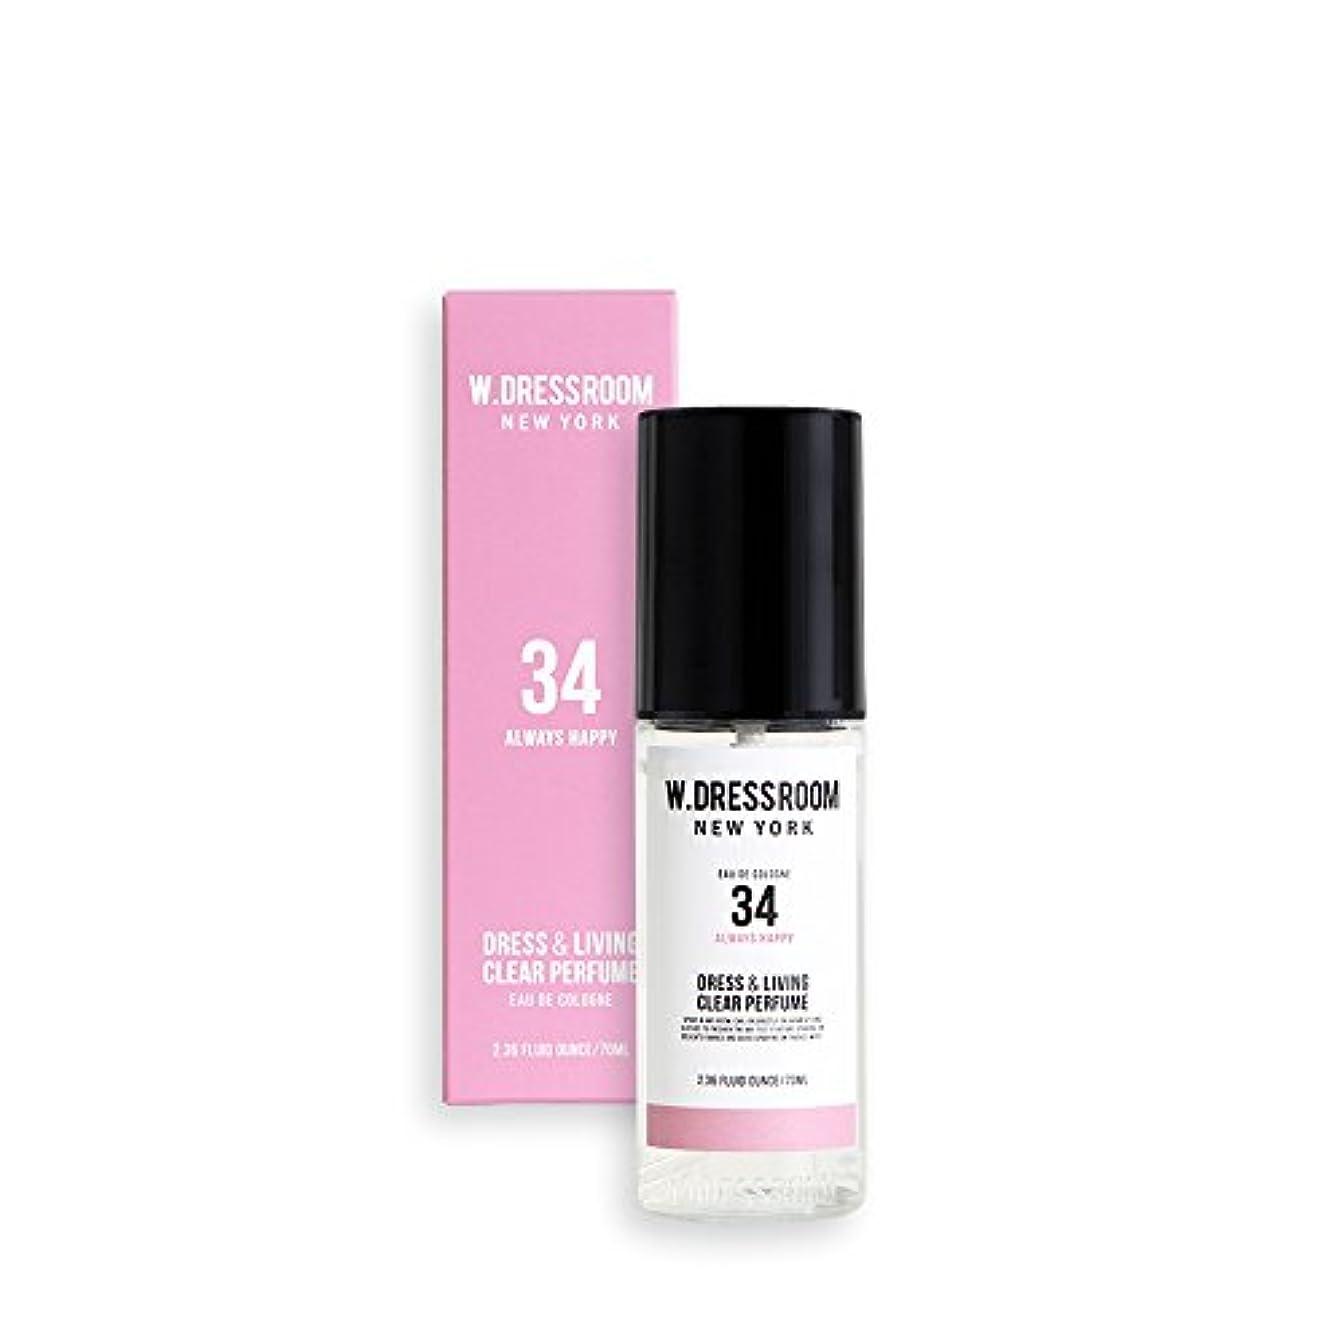 危険にさらされているほのめかす抑制するW.DRESSROOM Dress & Living Clear Perfume 70ml/ダブルドレスルーム ドレス&リビング クリア パフューム 70ml (#No.34 Always Happy) [並行輸入品]